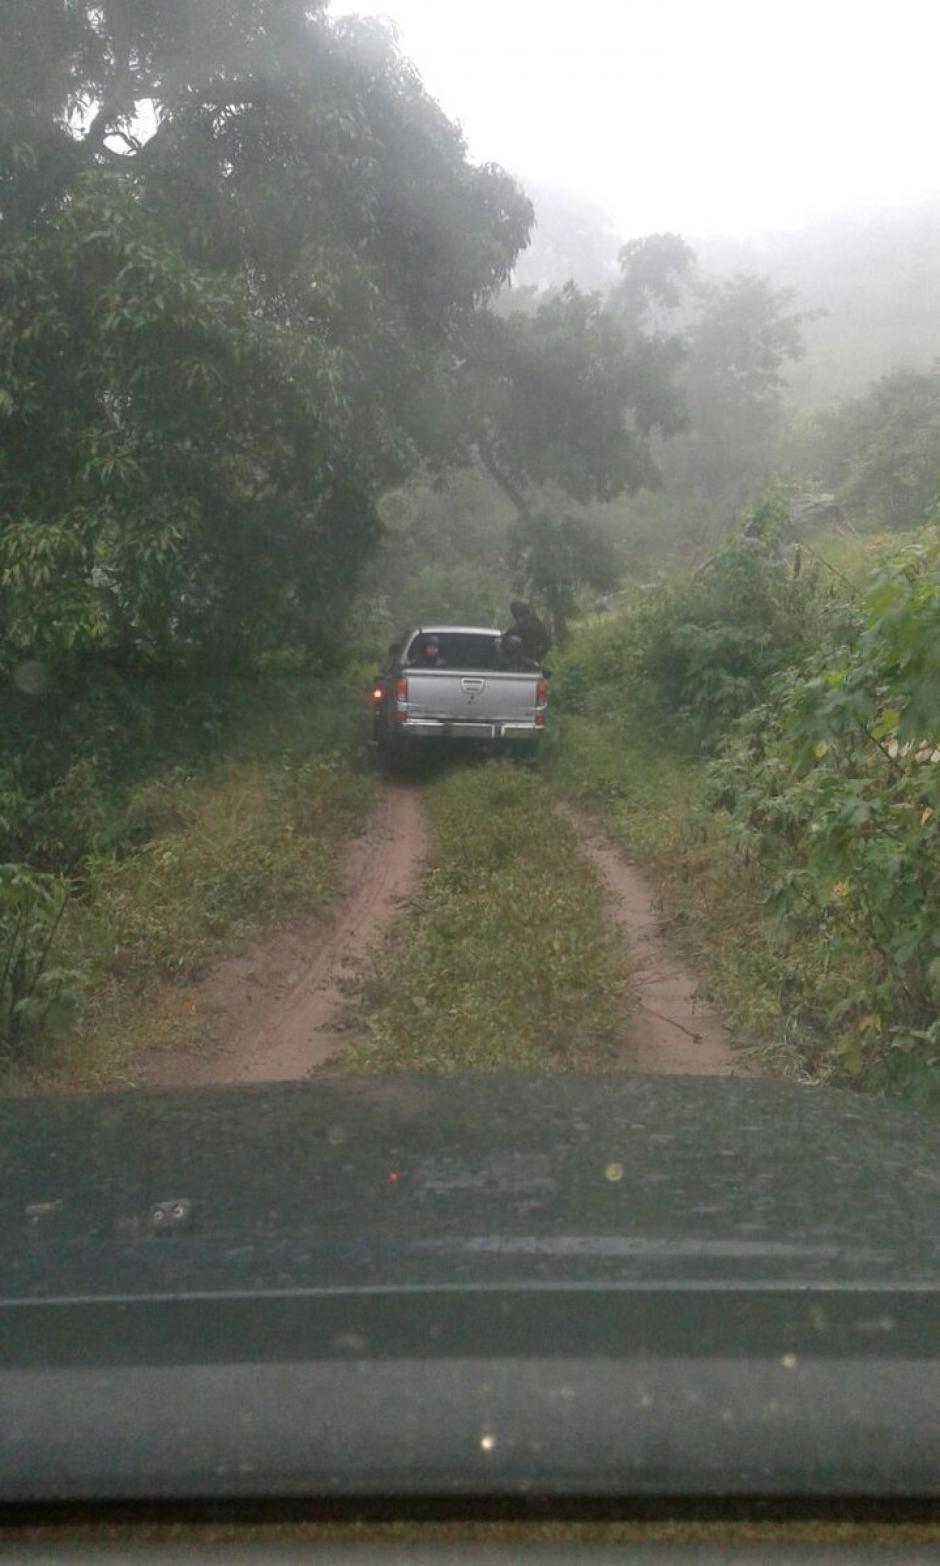 La detención de los supuestos delincuentes se realizó en un área montañosa de El Progreso. (Foto: @MPguatemala)